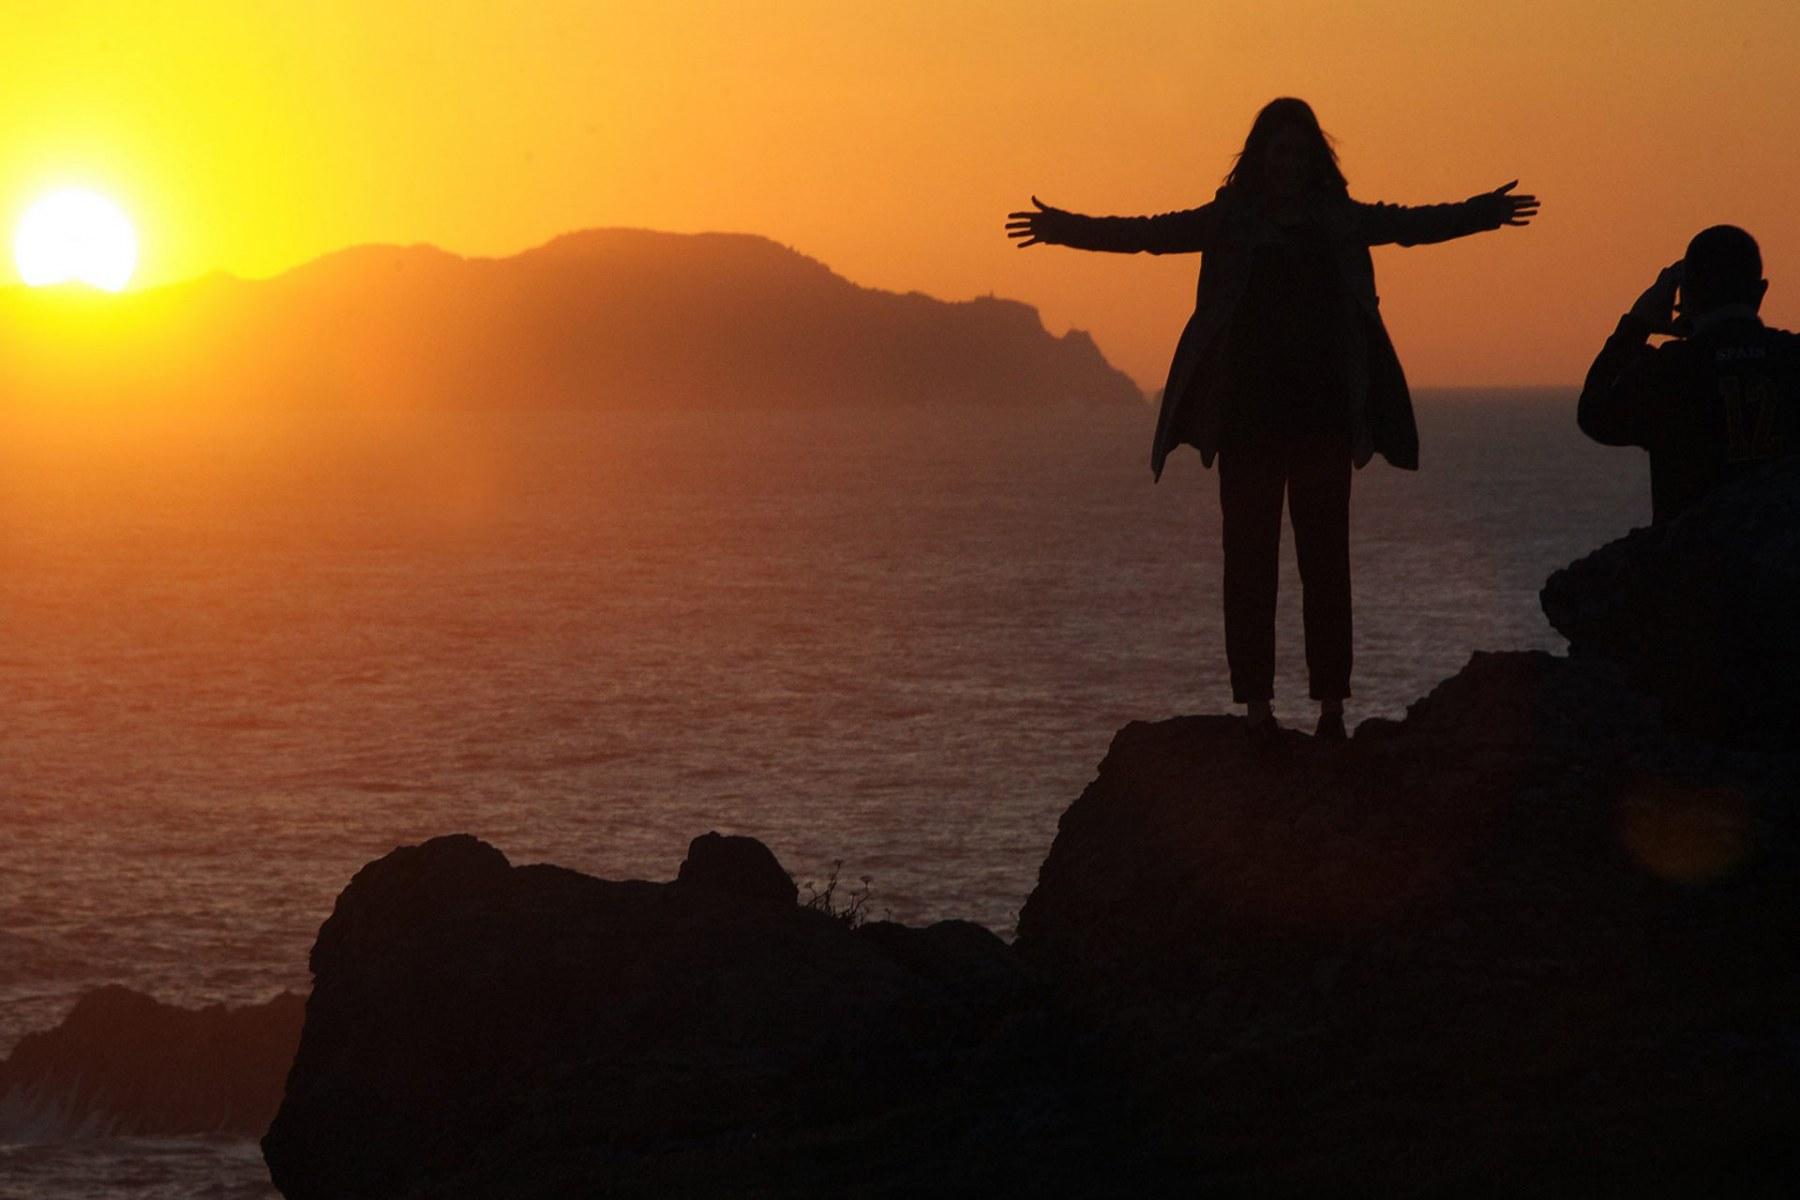 Sunset-at-Faro-de-Punta-Frouxeira-Galicia-Idenna-Creative